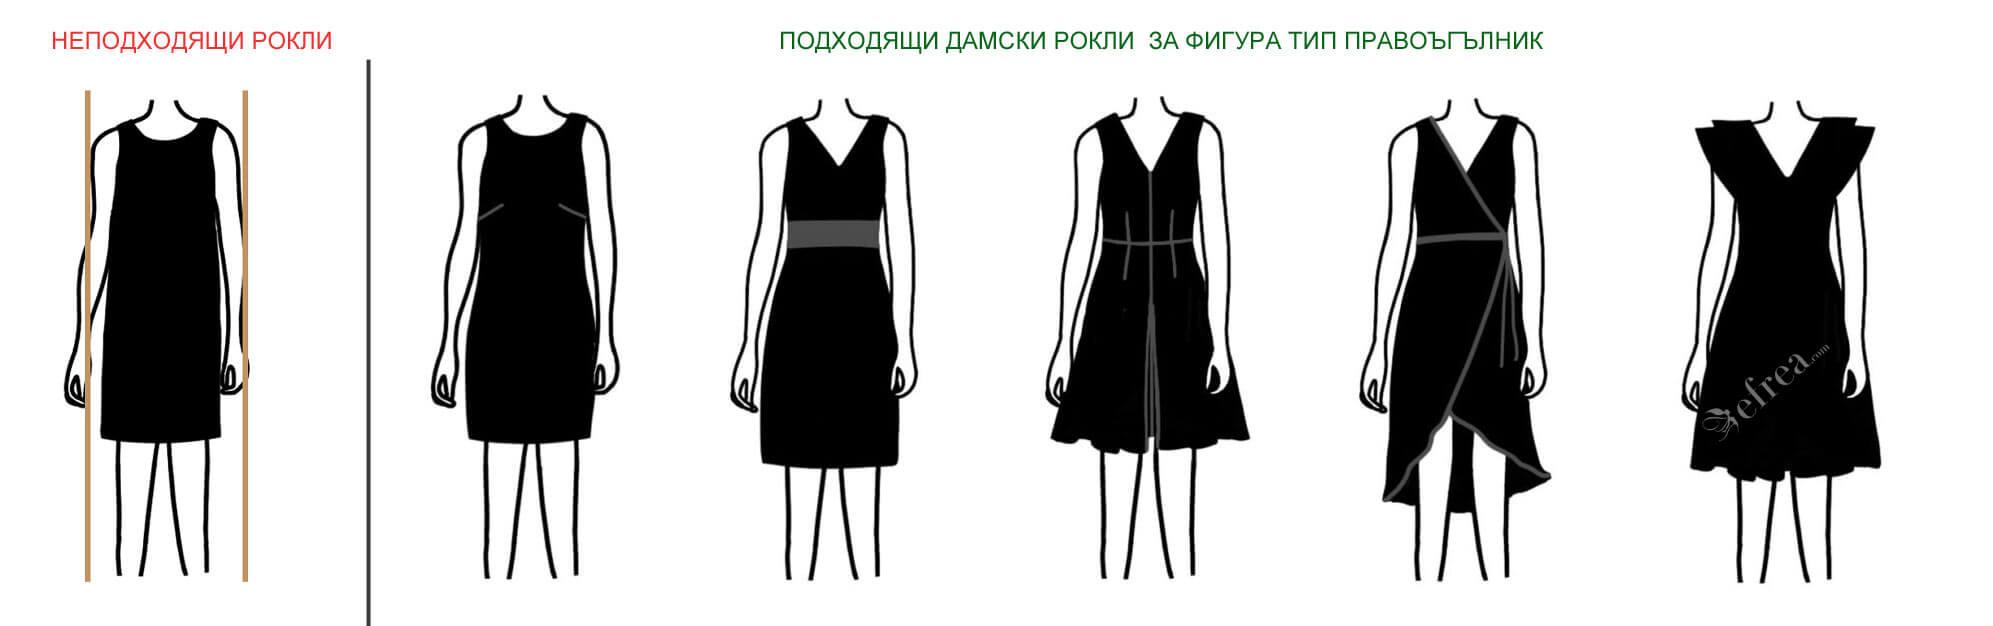 Различни видове дамски рокли за дами с фигура тип правоъгълник